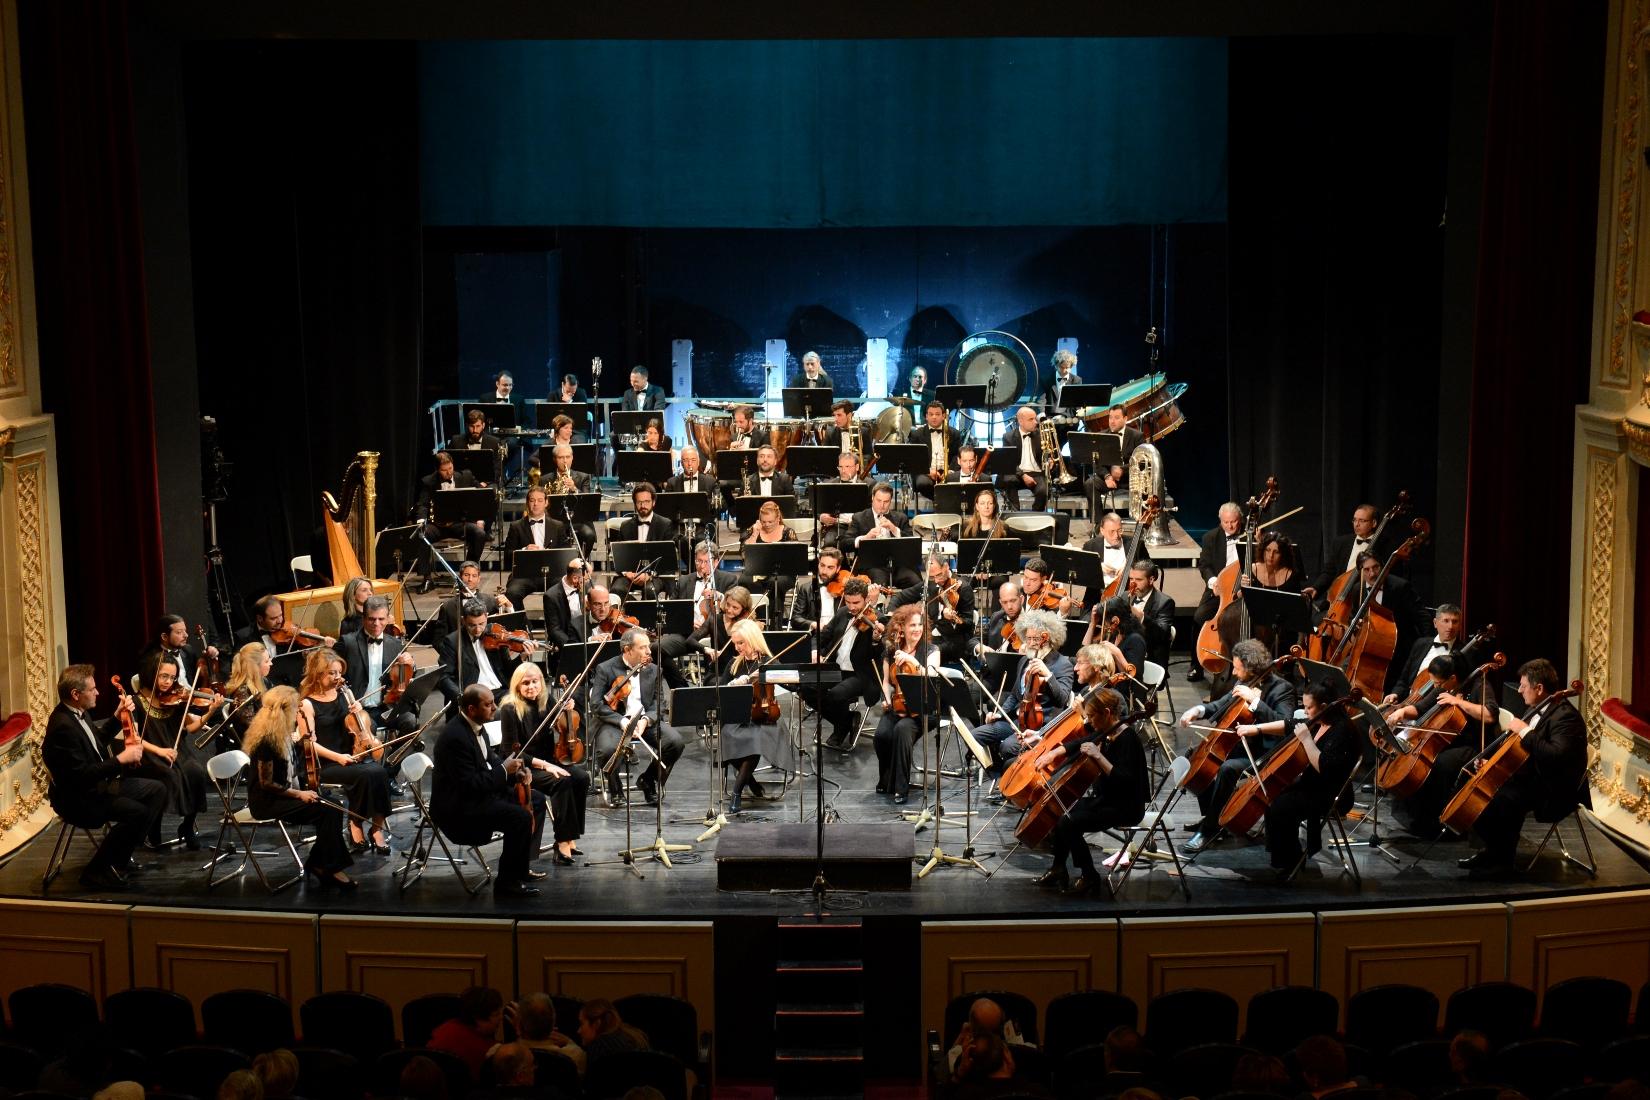 Εθνική Συμφωνική Ορχήστρα (1) (4)